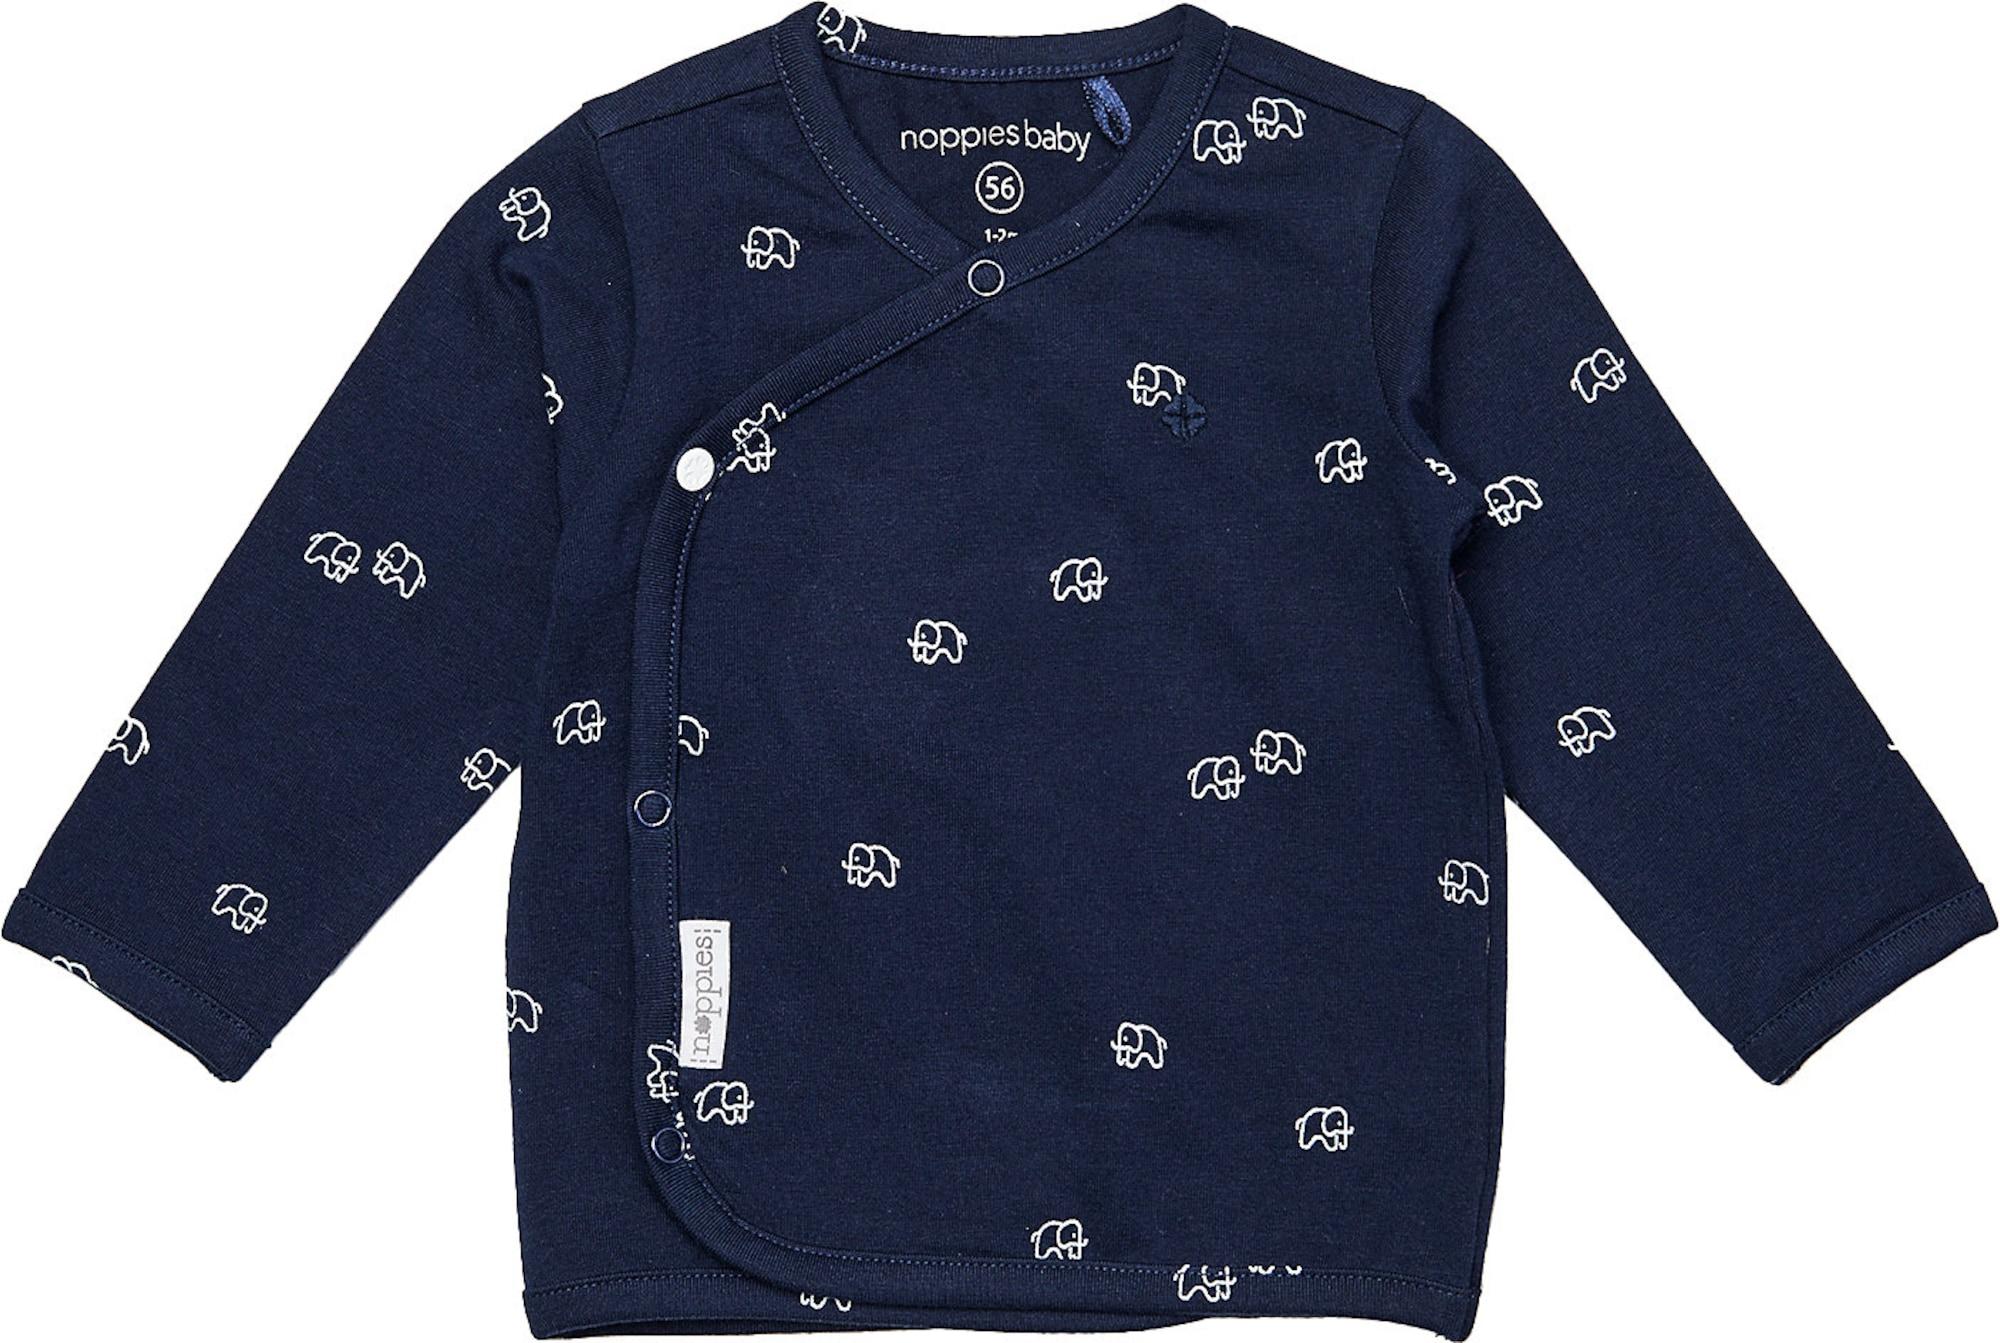 Noppies Marškinėliai 'Jones' balta / tamsiai mėlyna